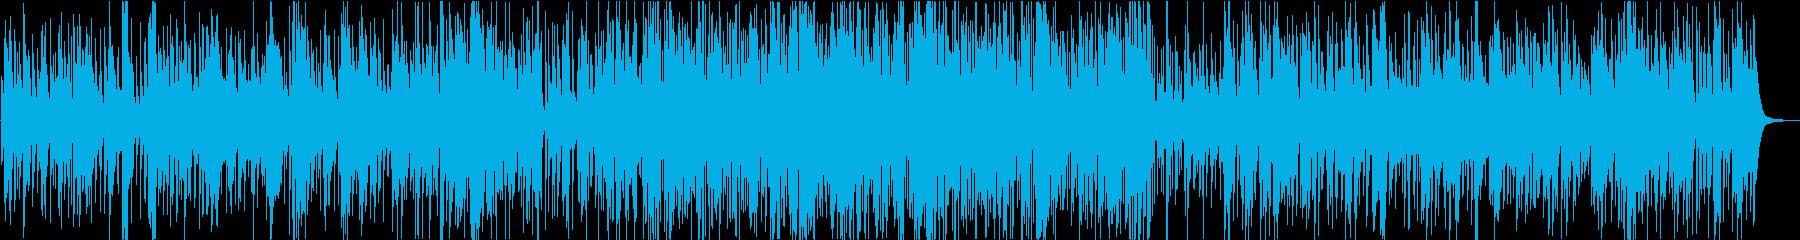 夜に聴きたいオーソドックスなジャズ の再生済みの波形